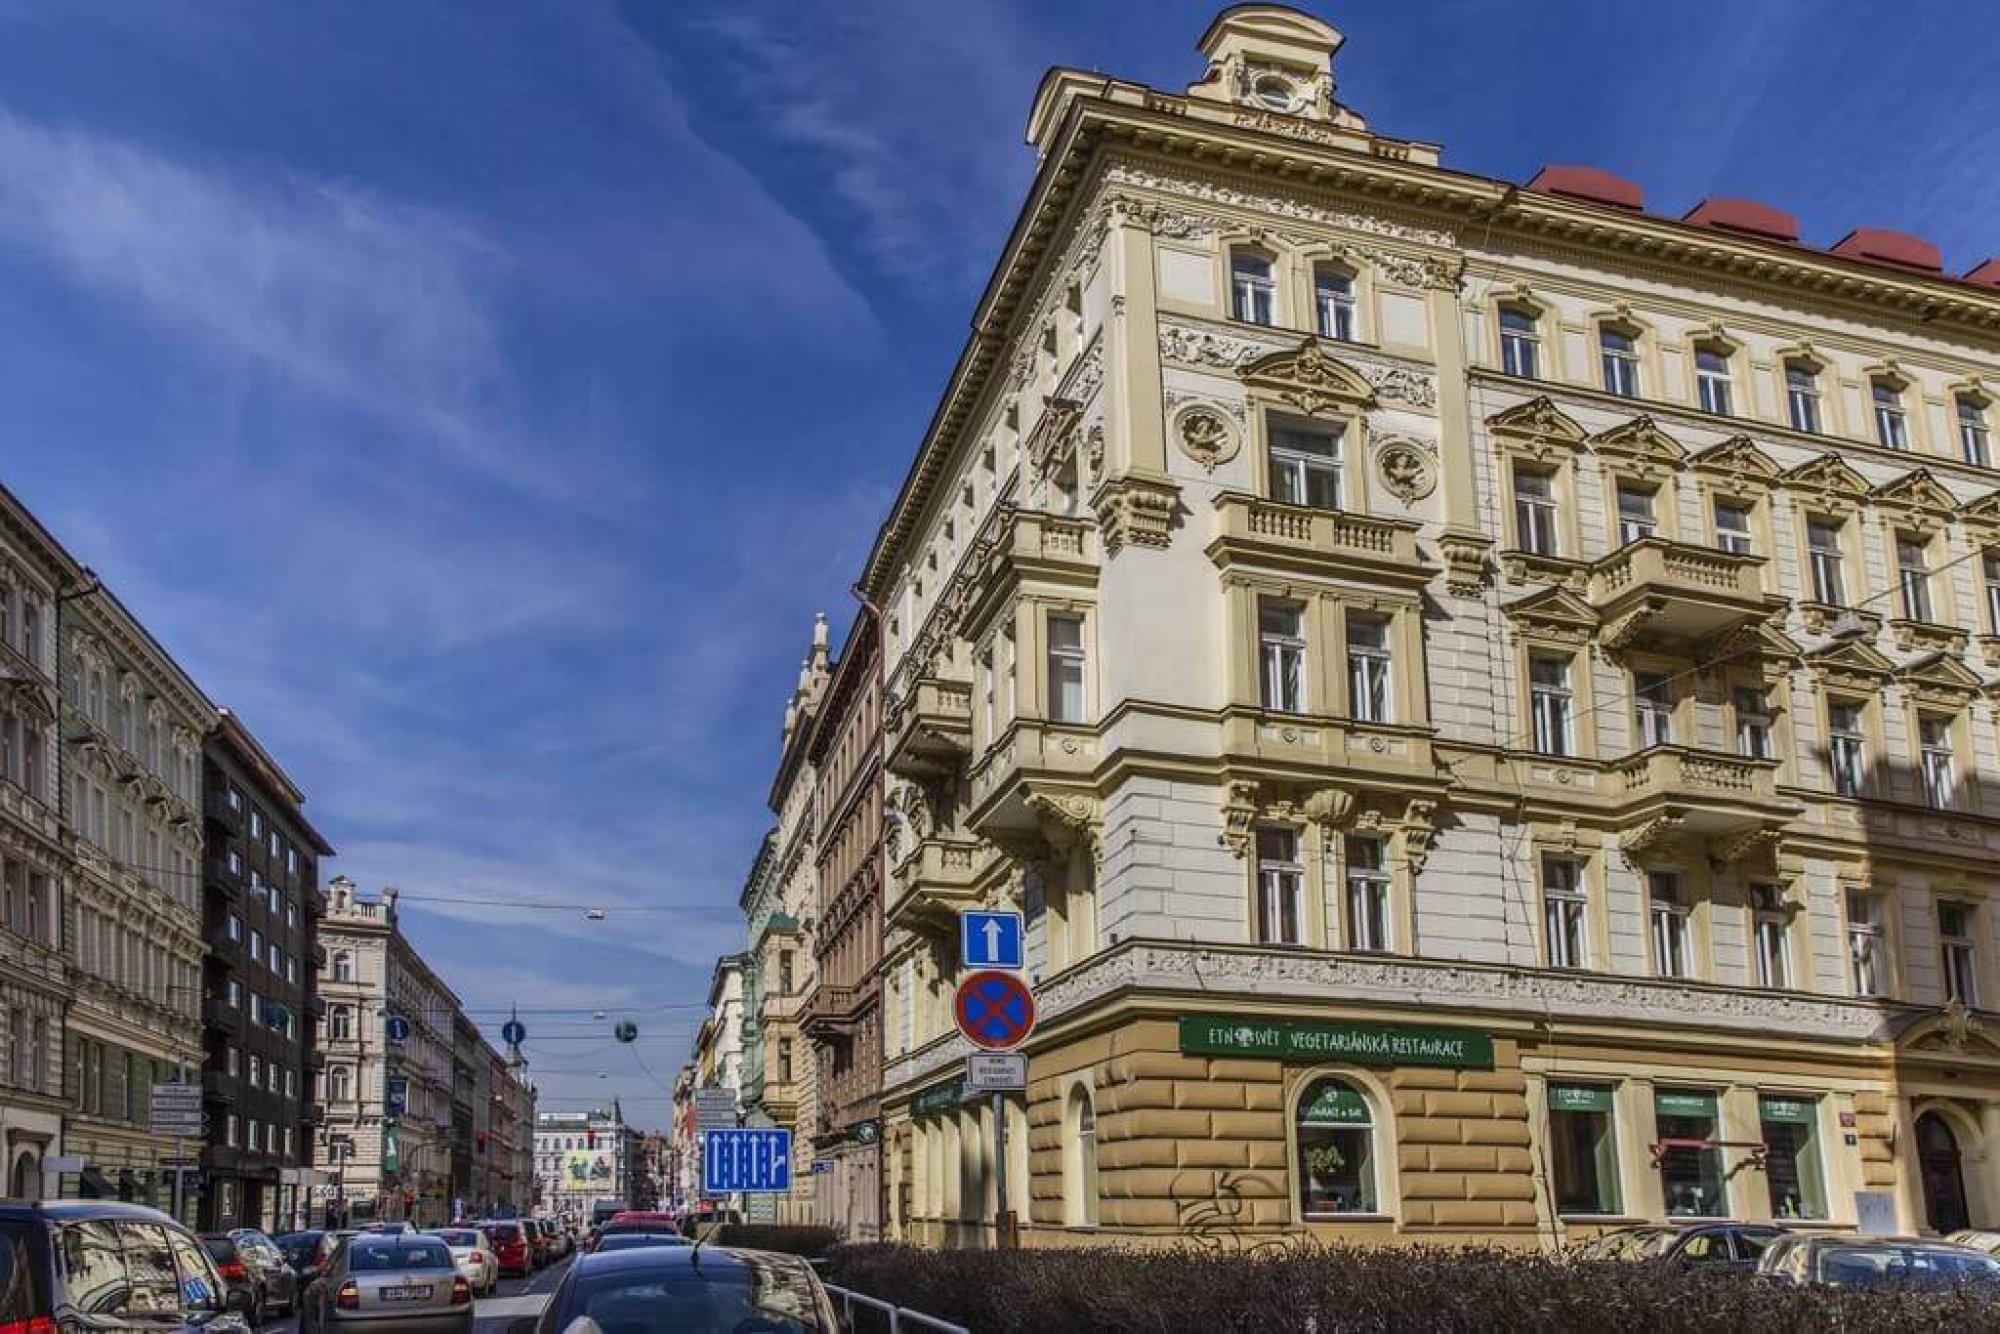 Pohled z ulice Tyršova - Půdní byt 1+kk, plocha 23 m², ulice Tyršova, Praha 2 - Nové Město | 2